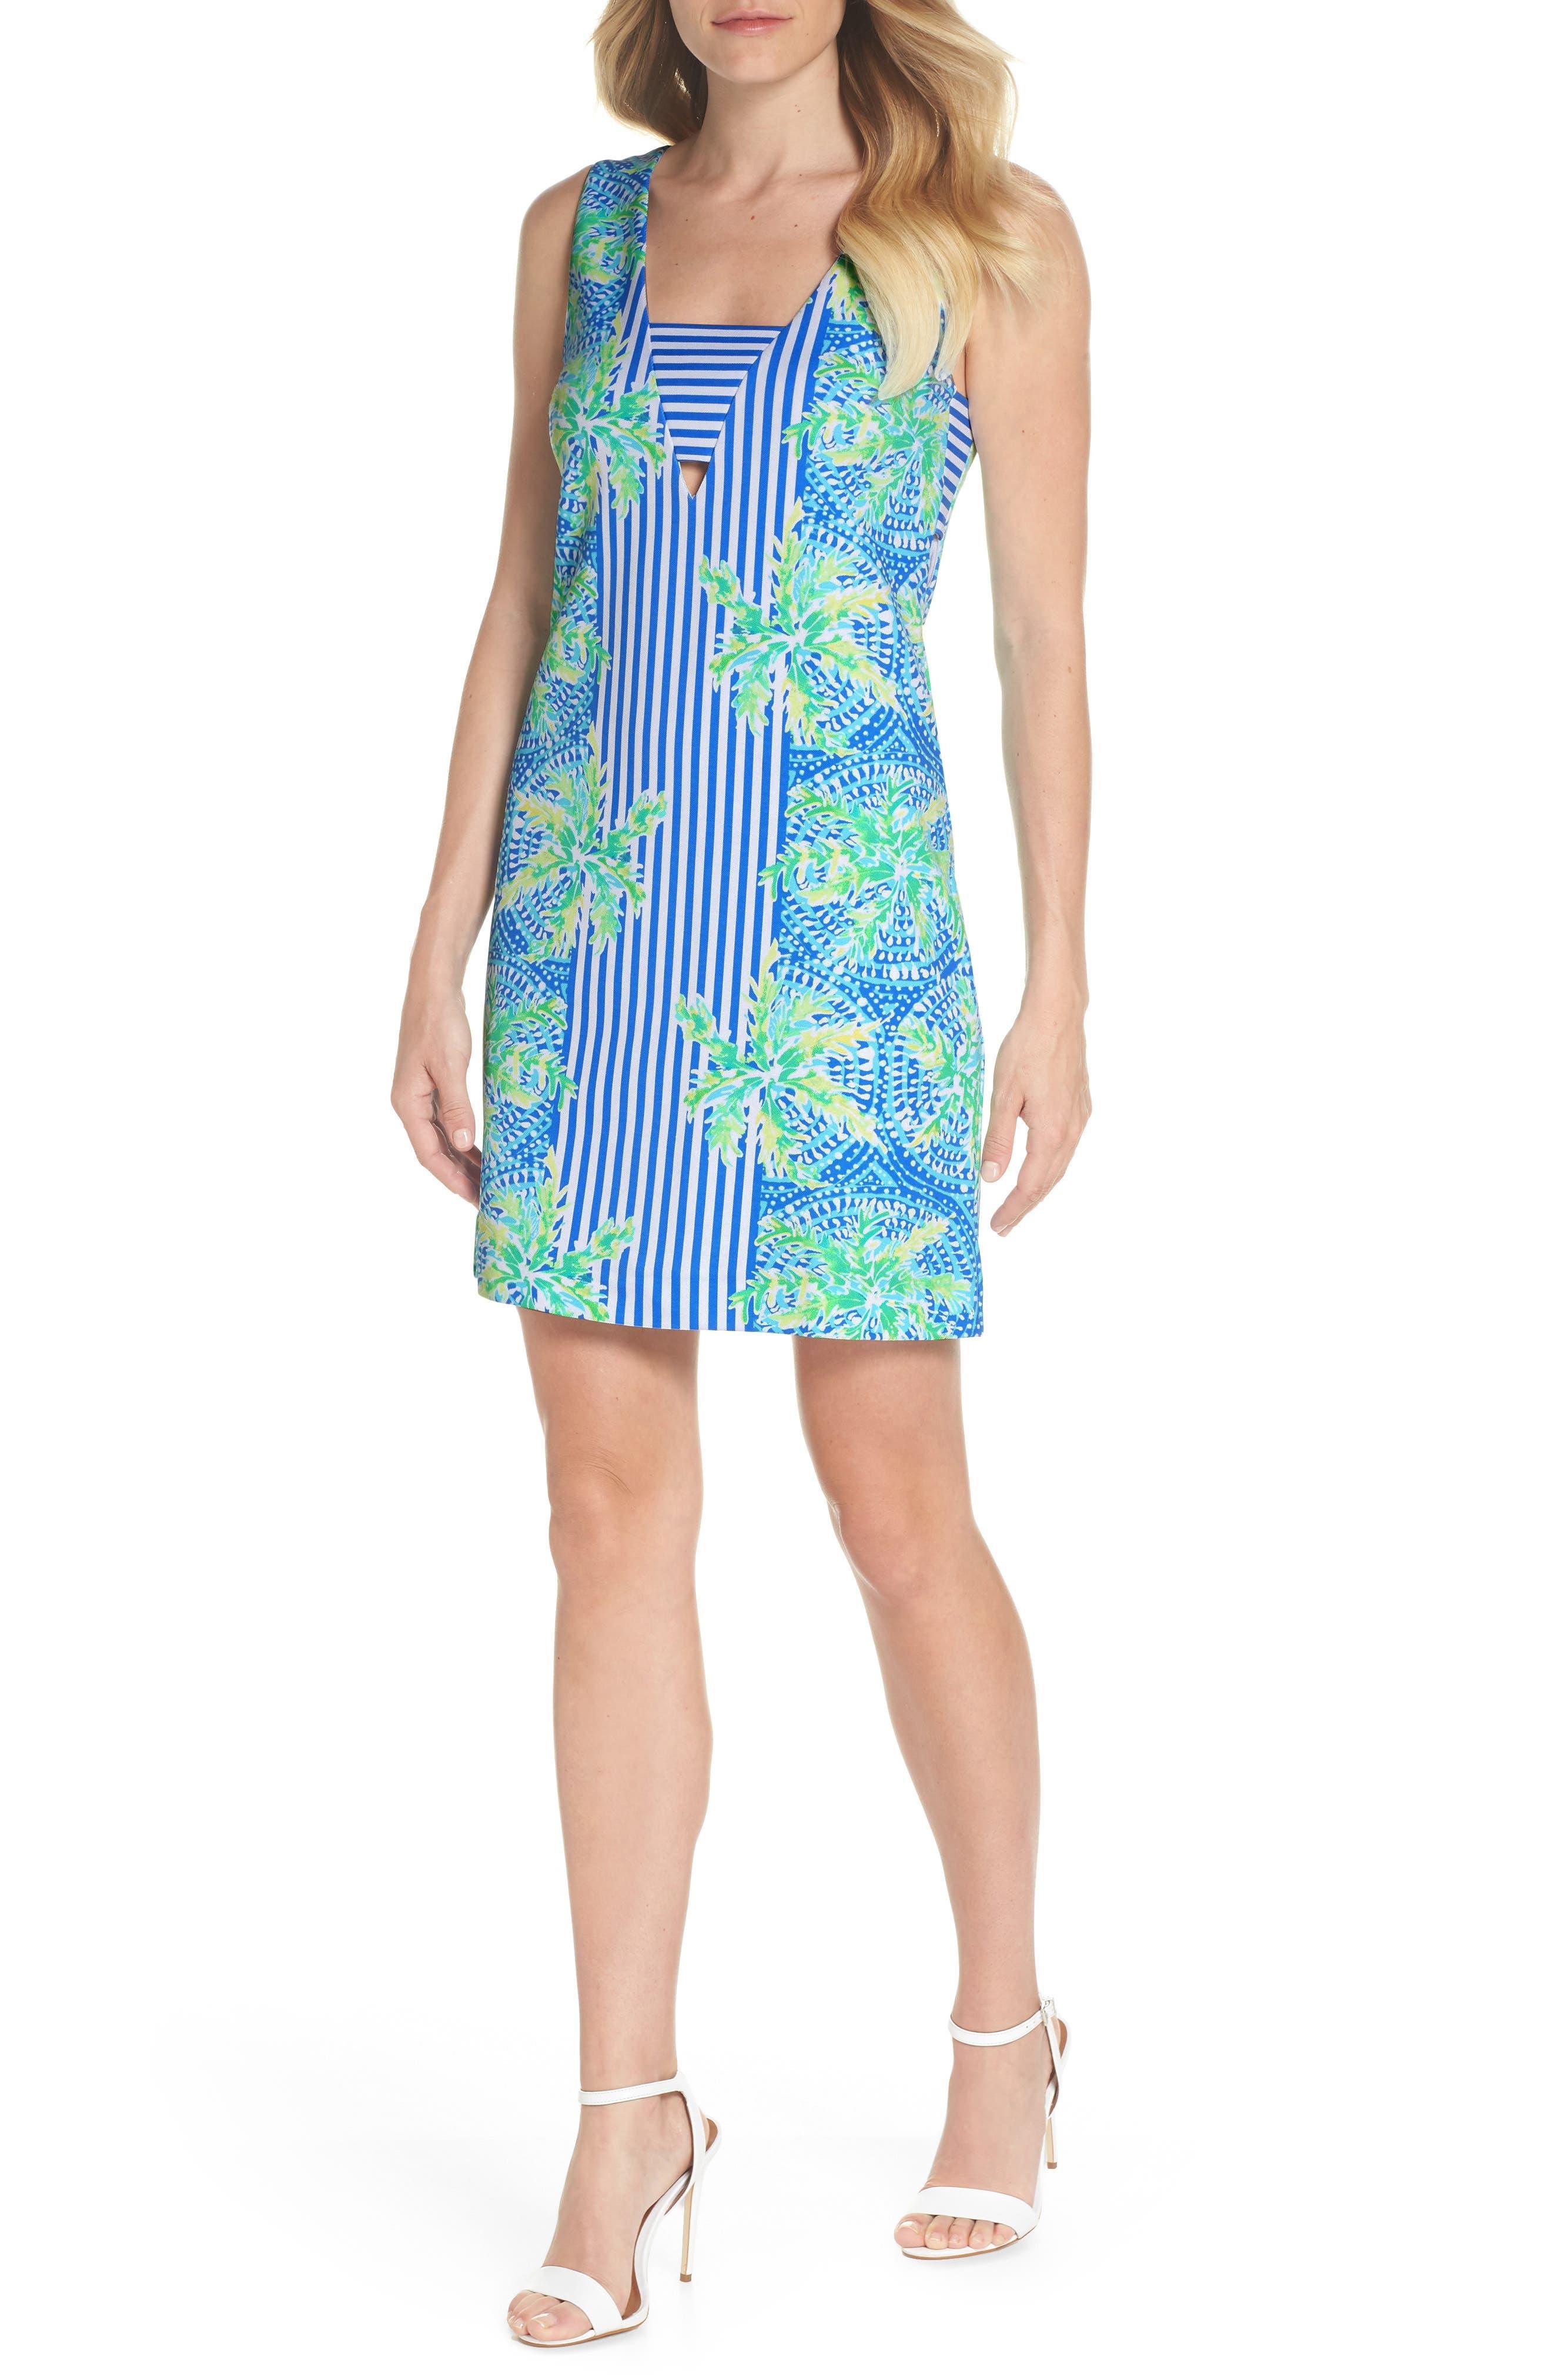 Chiara Stripe & Floral Print Dress,                             Main thumbnail 1, color,                             420